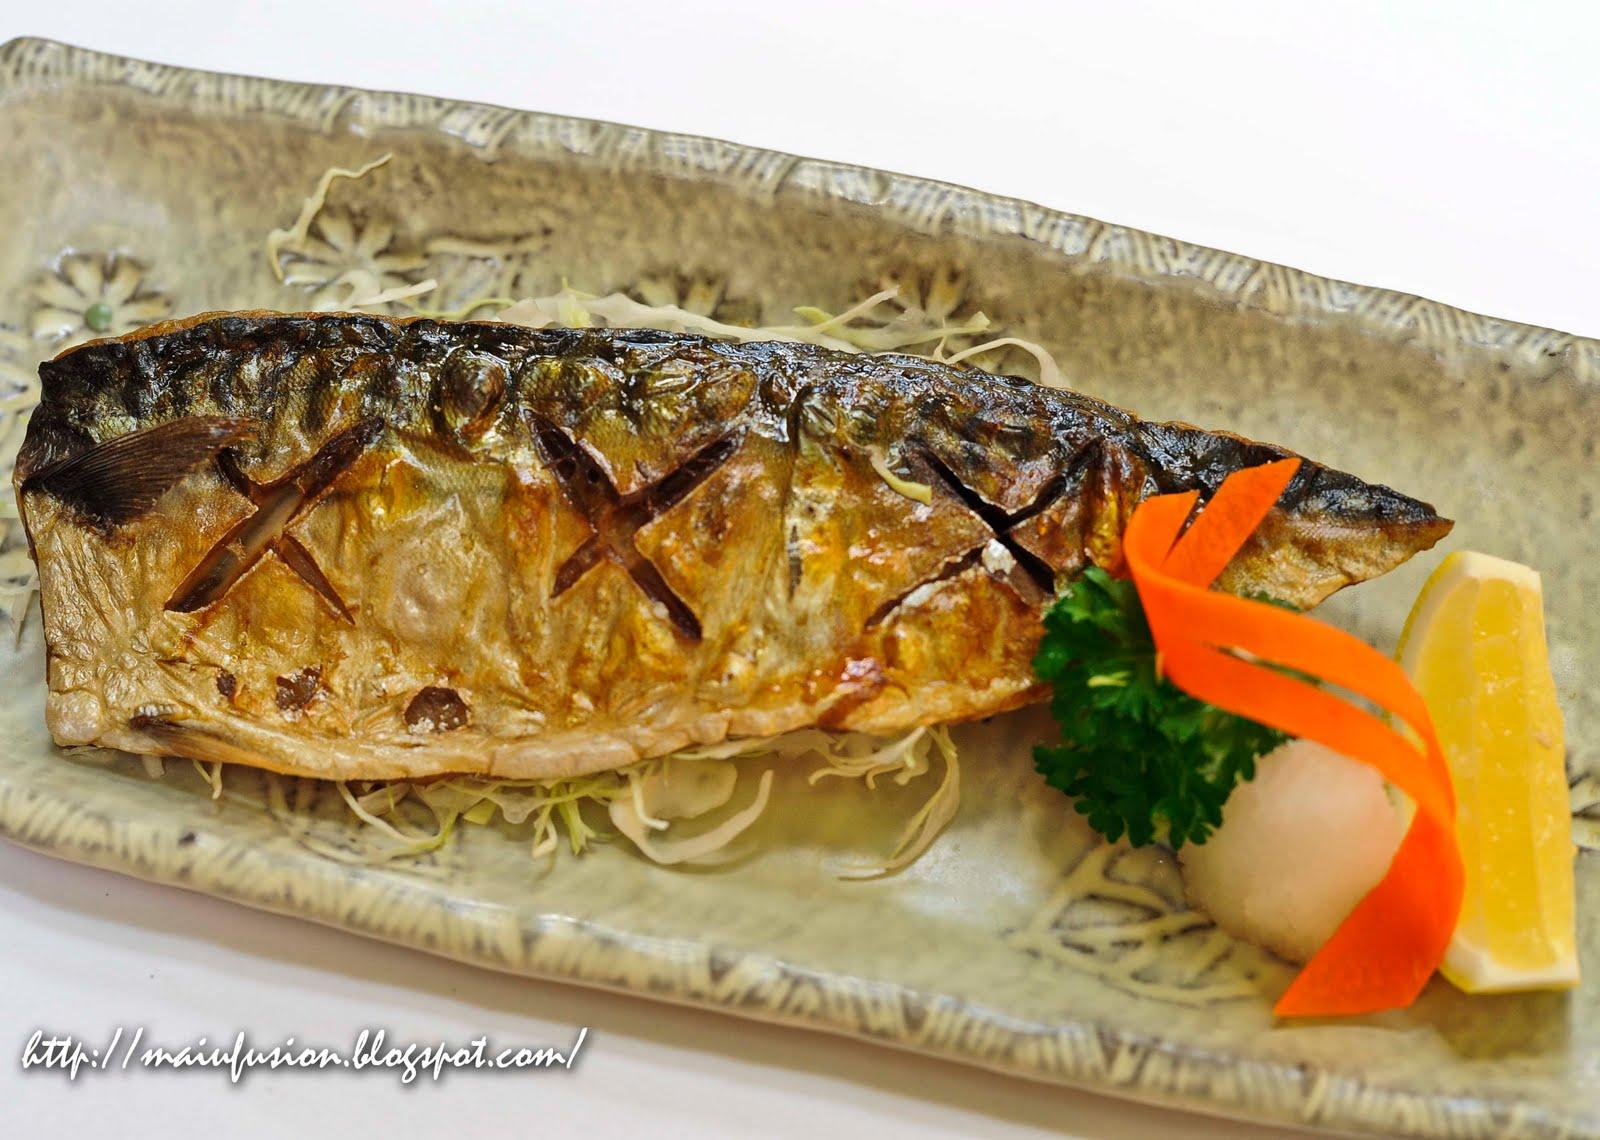 Maiu Japanese Restaurant: Weekend Lunch Buffet